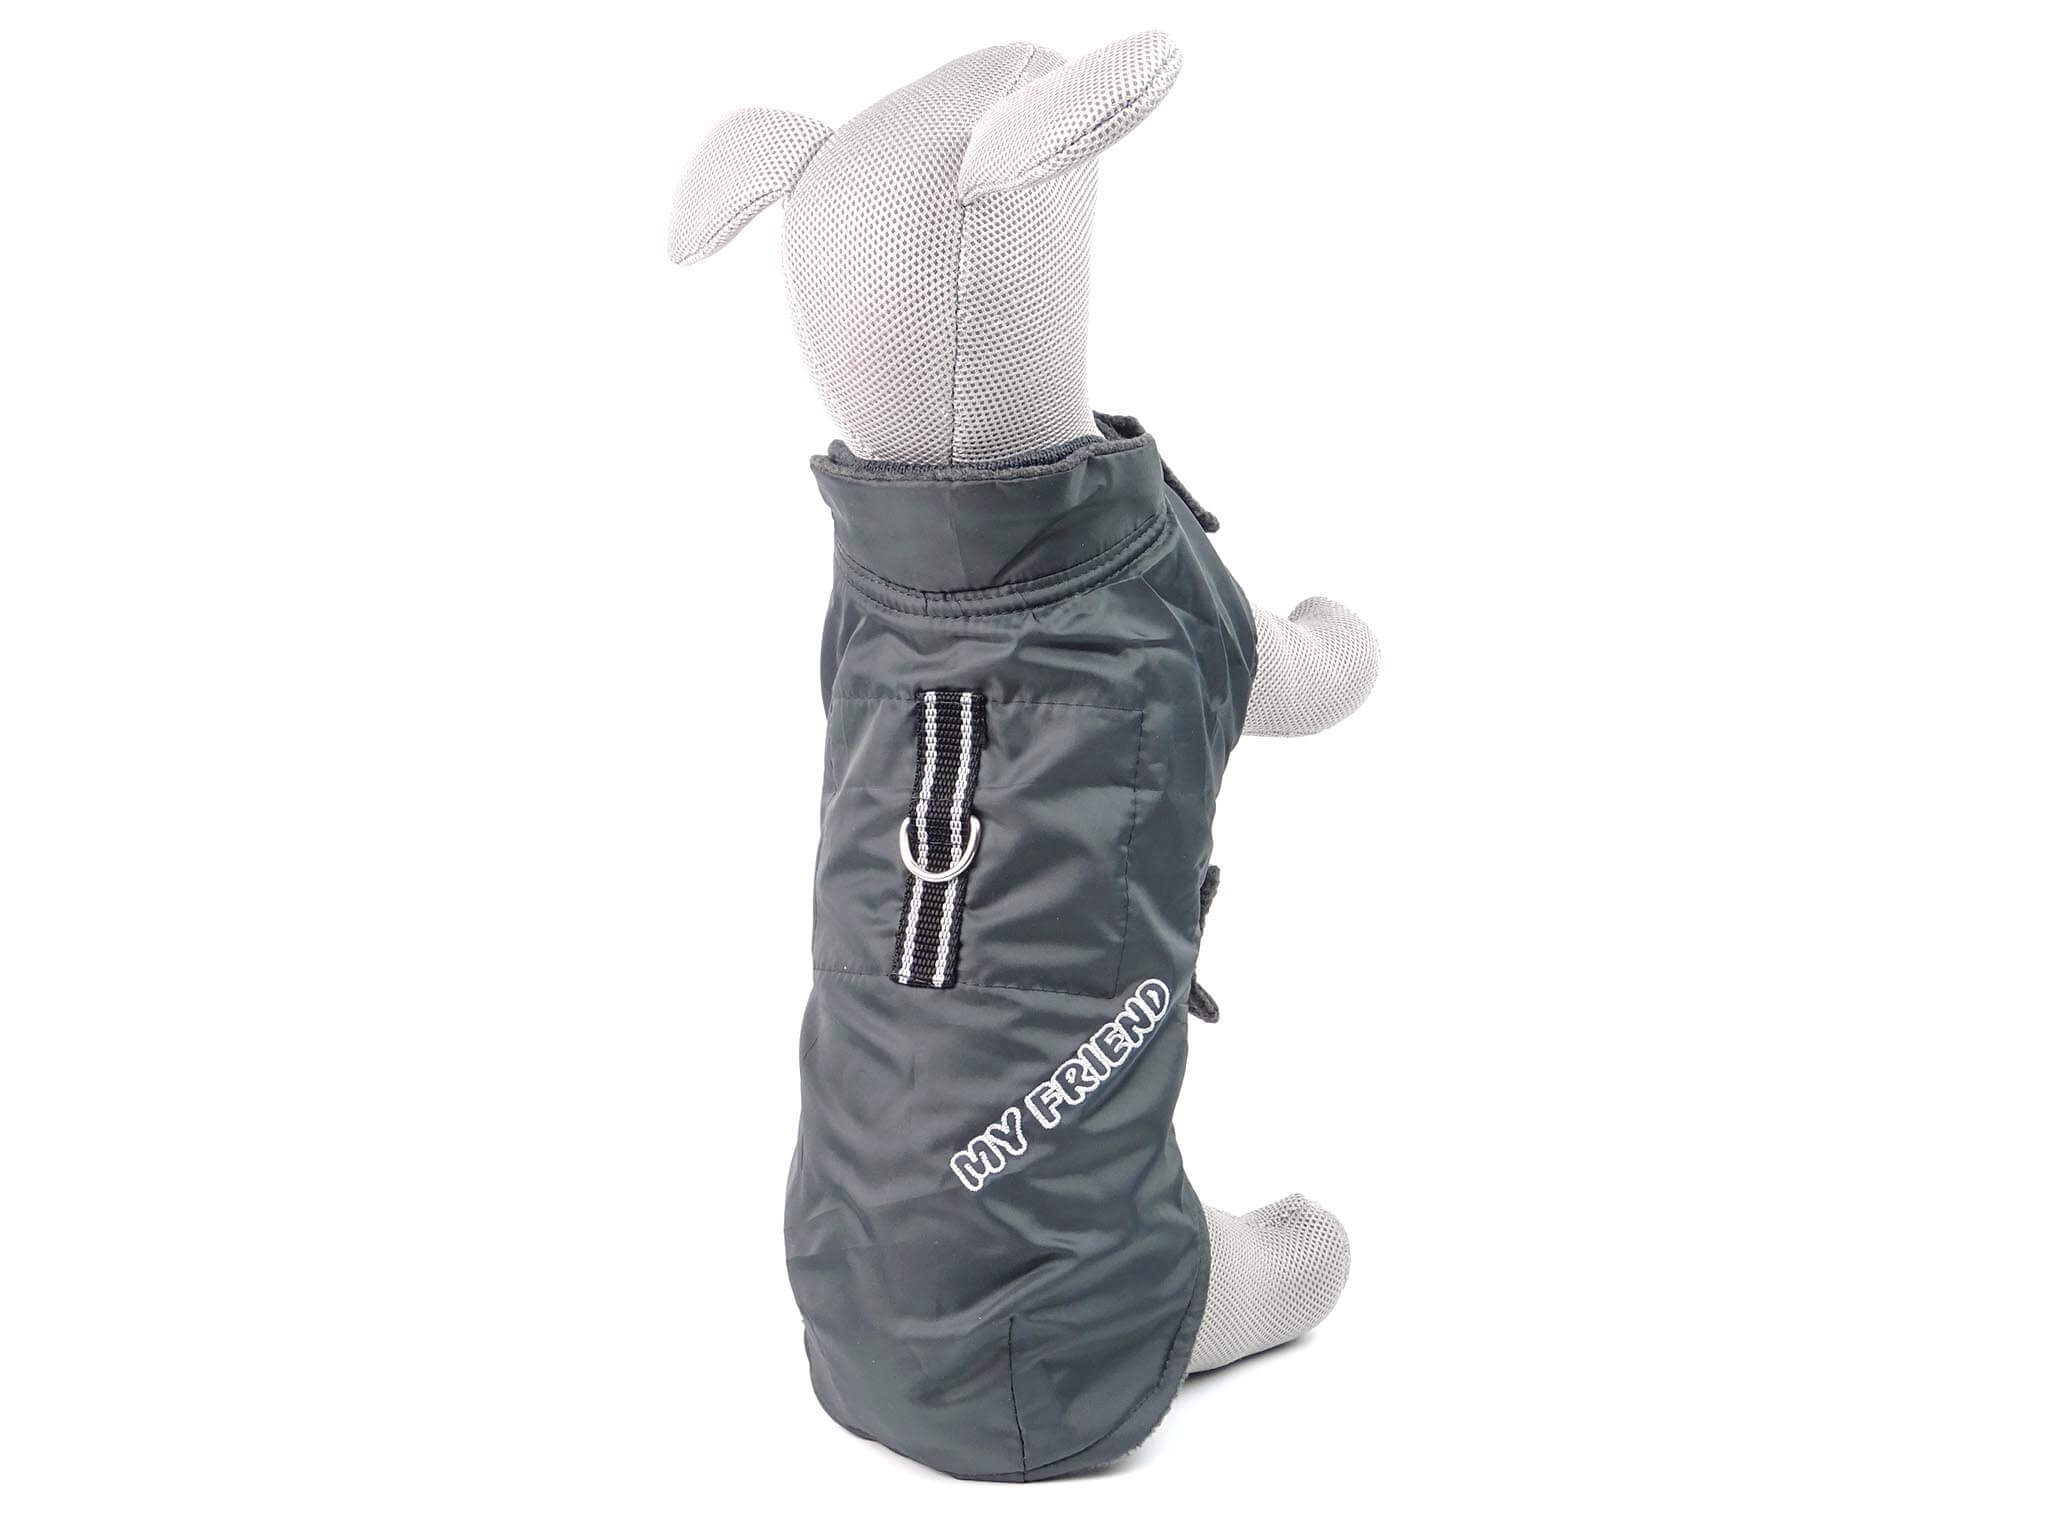 """Vsepropejska Snowy zimní bunda """"My friend"""" pro psa Barva: Šedá, Délka zad psa: 28 cm, Obvod hrudníku: 30 - 52 cm"""